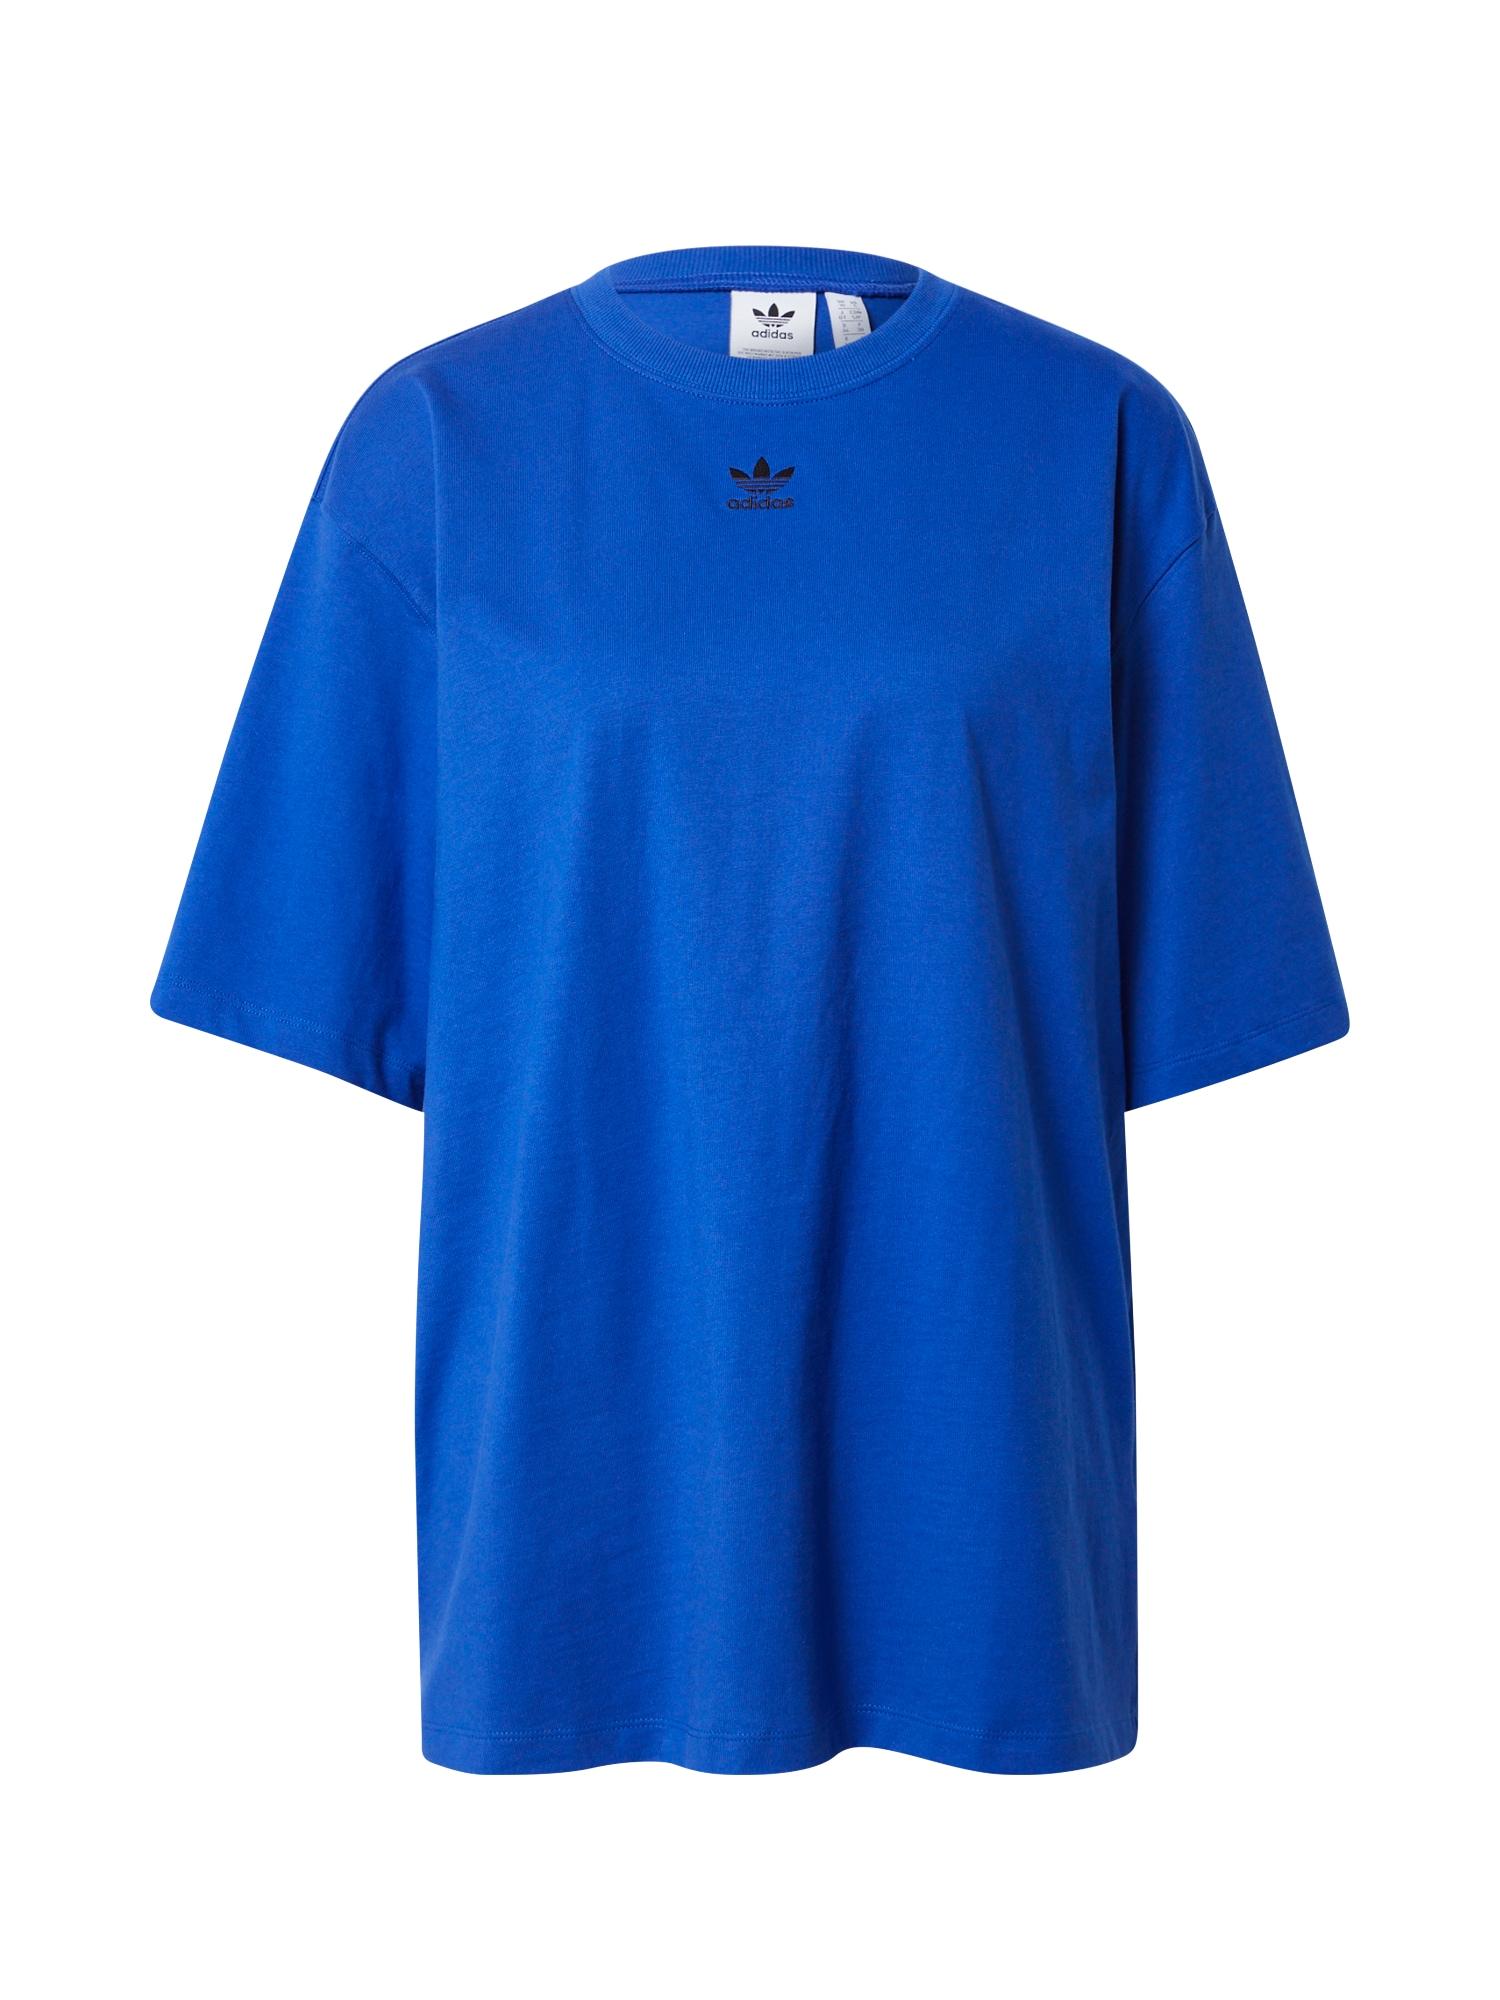 """ADIDAS ORIGINALS Marškinėliai juoda / sodri mėlyna (""""karališka"""")"""